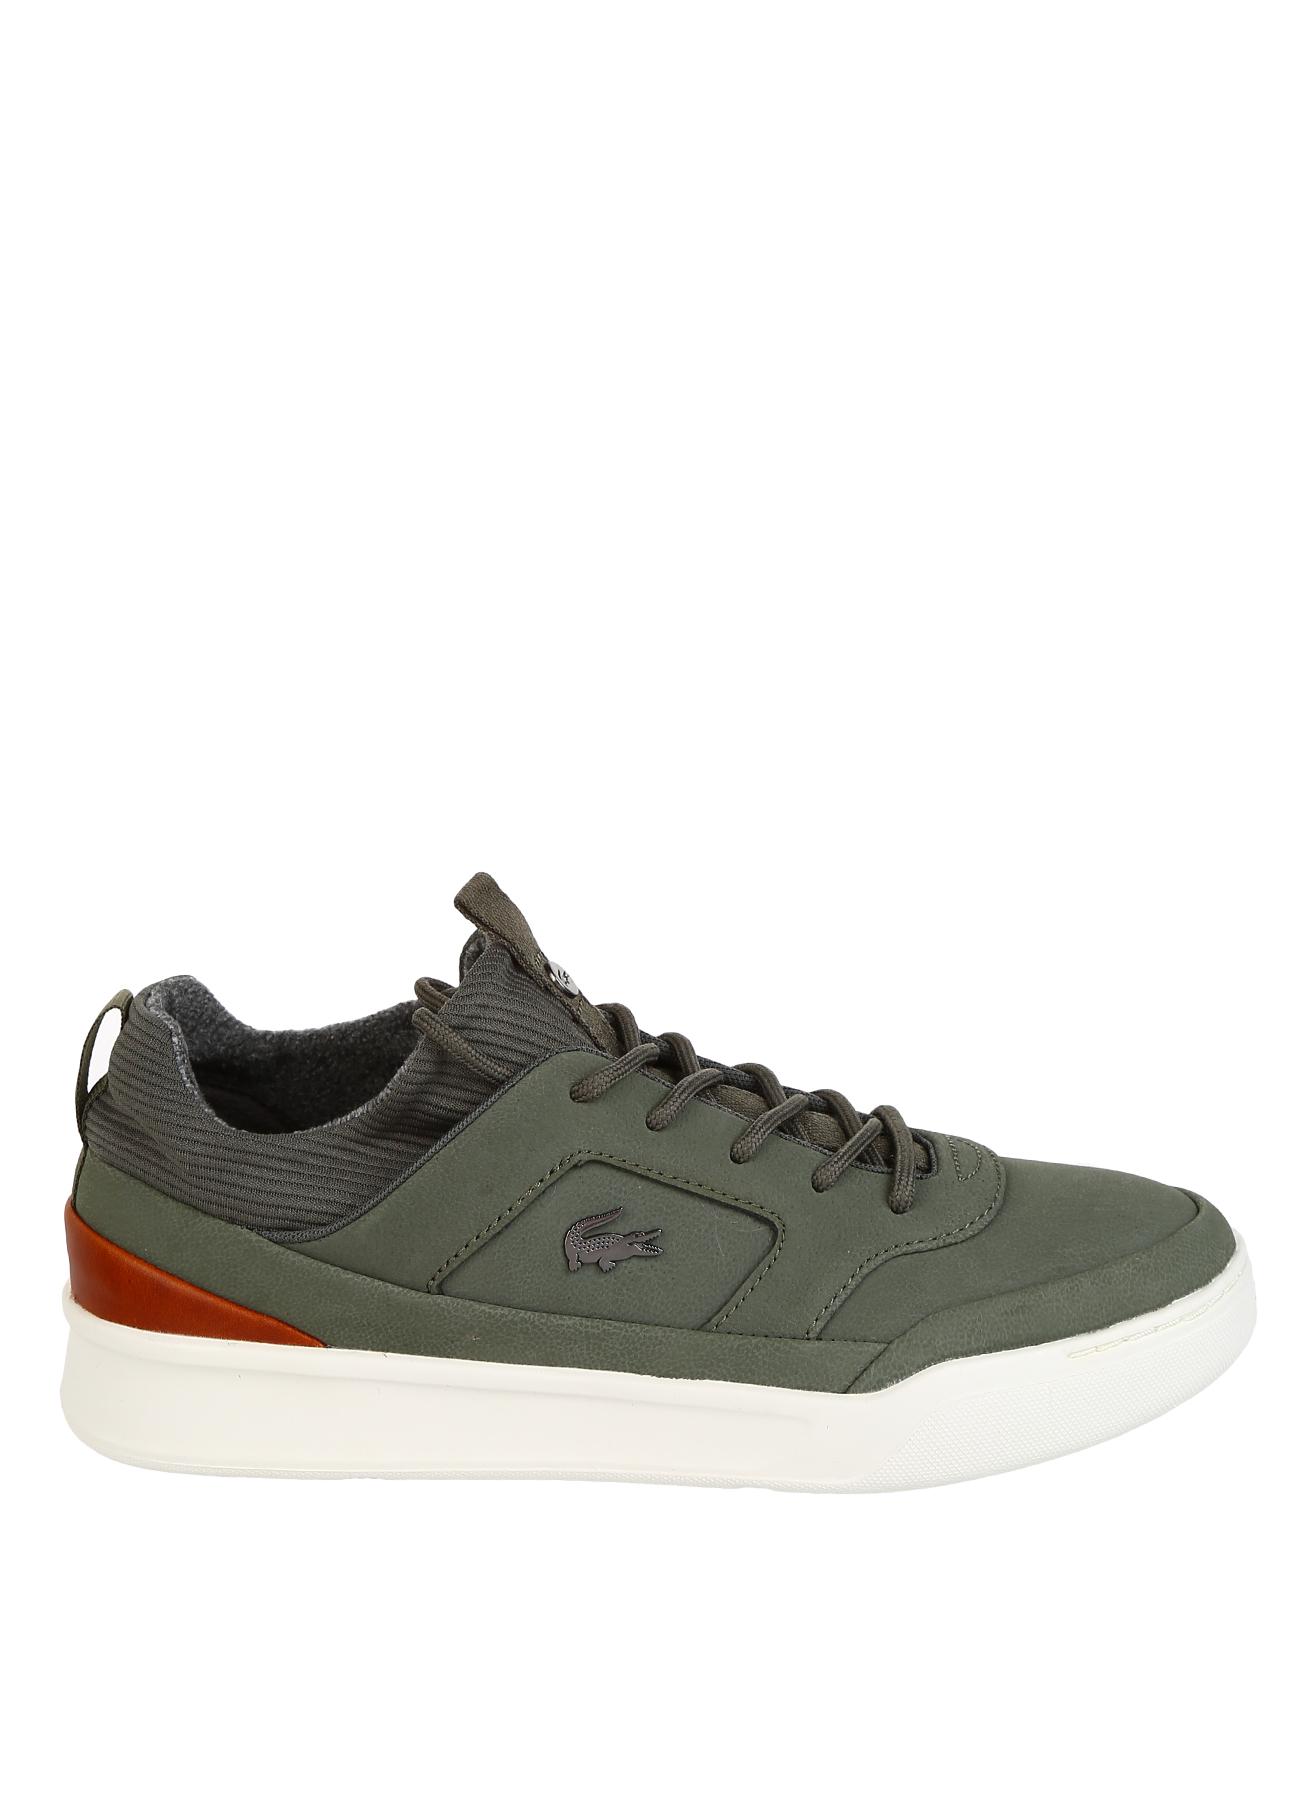 Lacoste Lifestyle Ayakkabı 41 5002314231003 Ürün Resmi